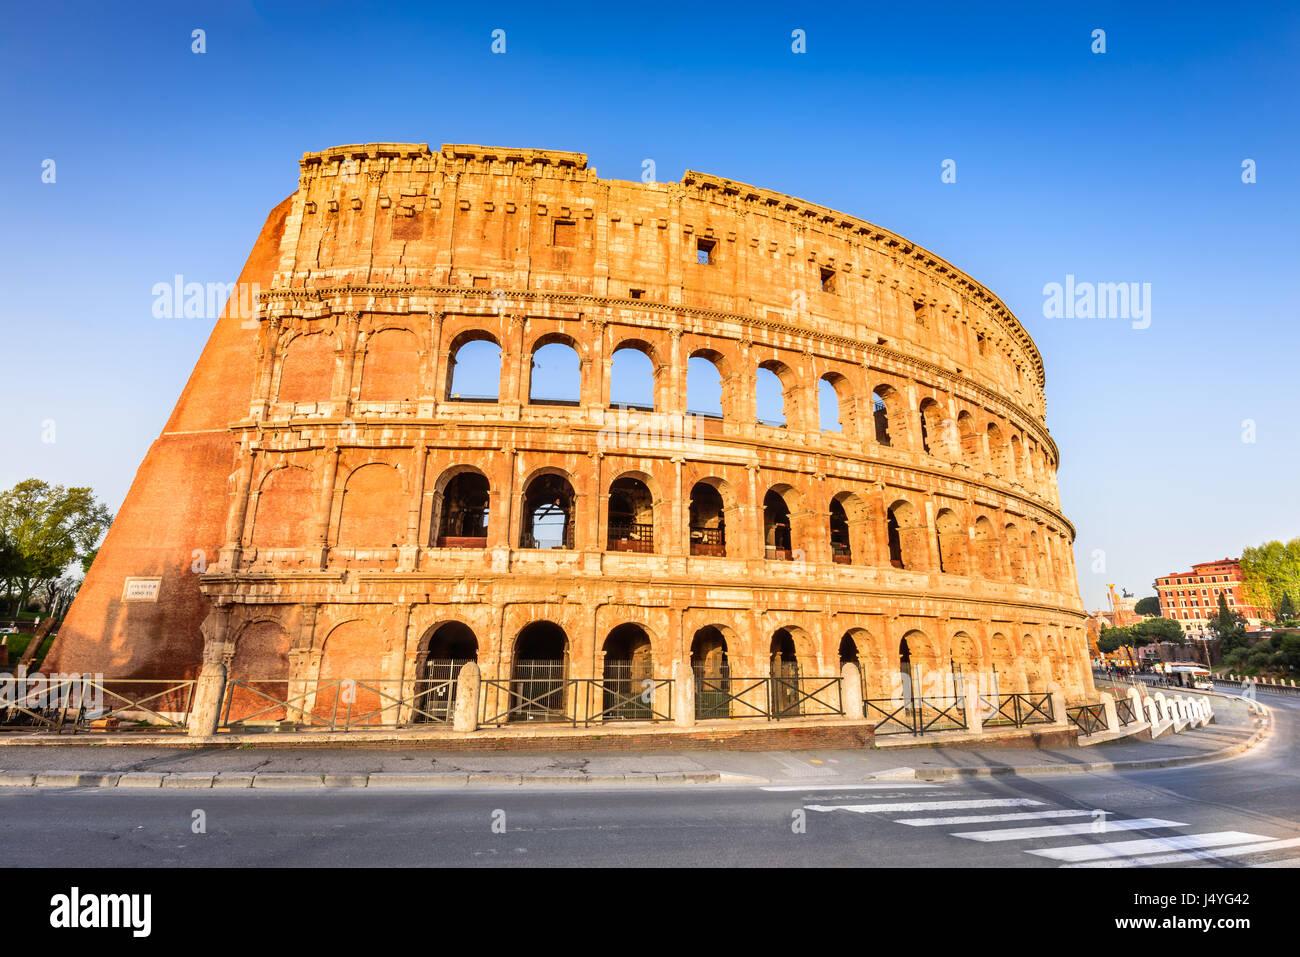 Rom, Italien. Kolosseum in Rom, Italien. Symbol der antiken Stadt. Amphitheater im Sonnenaufgang Licht. Stockbild